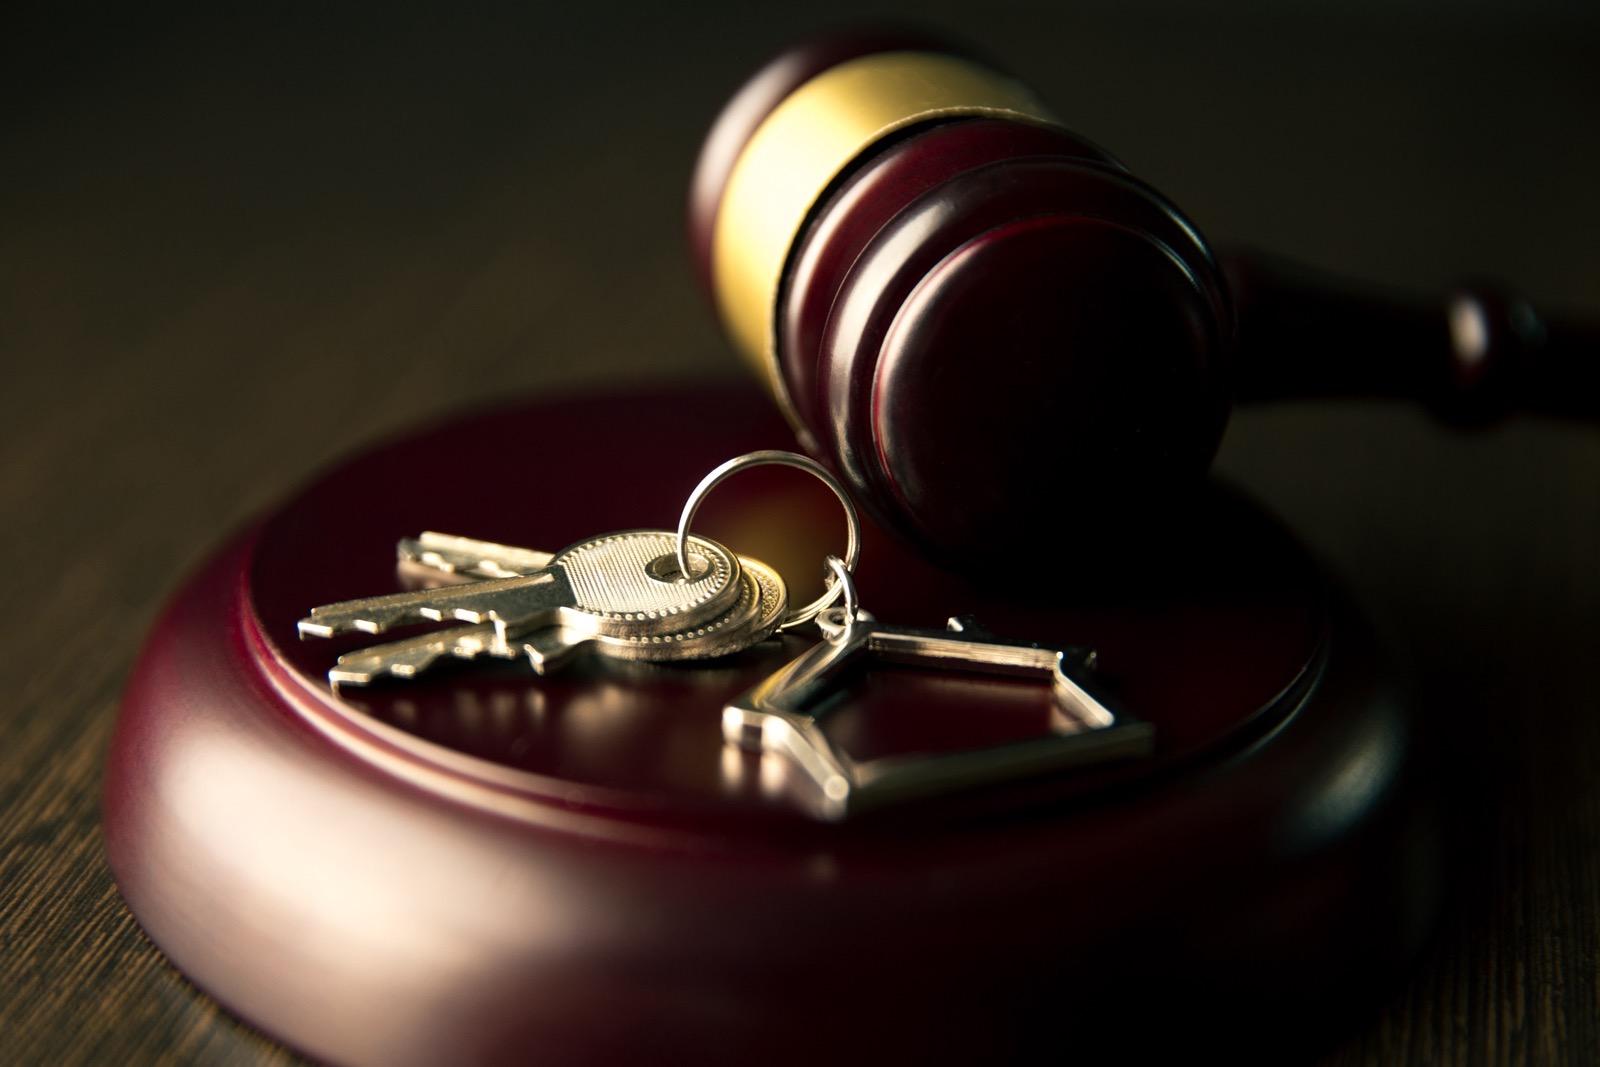 Przetarg dotyczący sprzedaży nieruchomości w Bogatyni